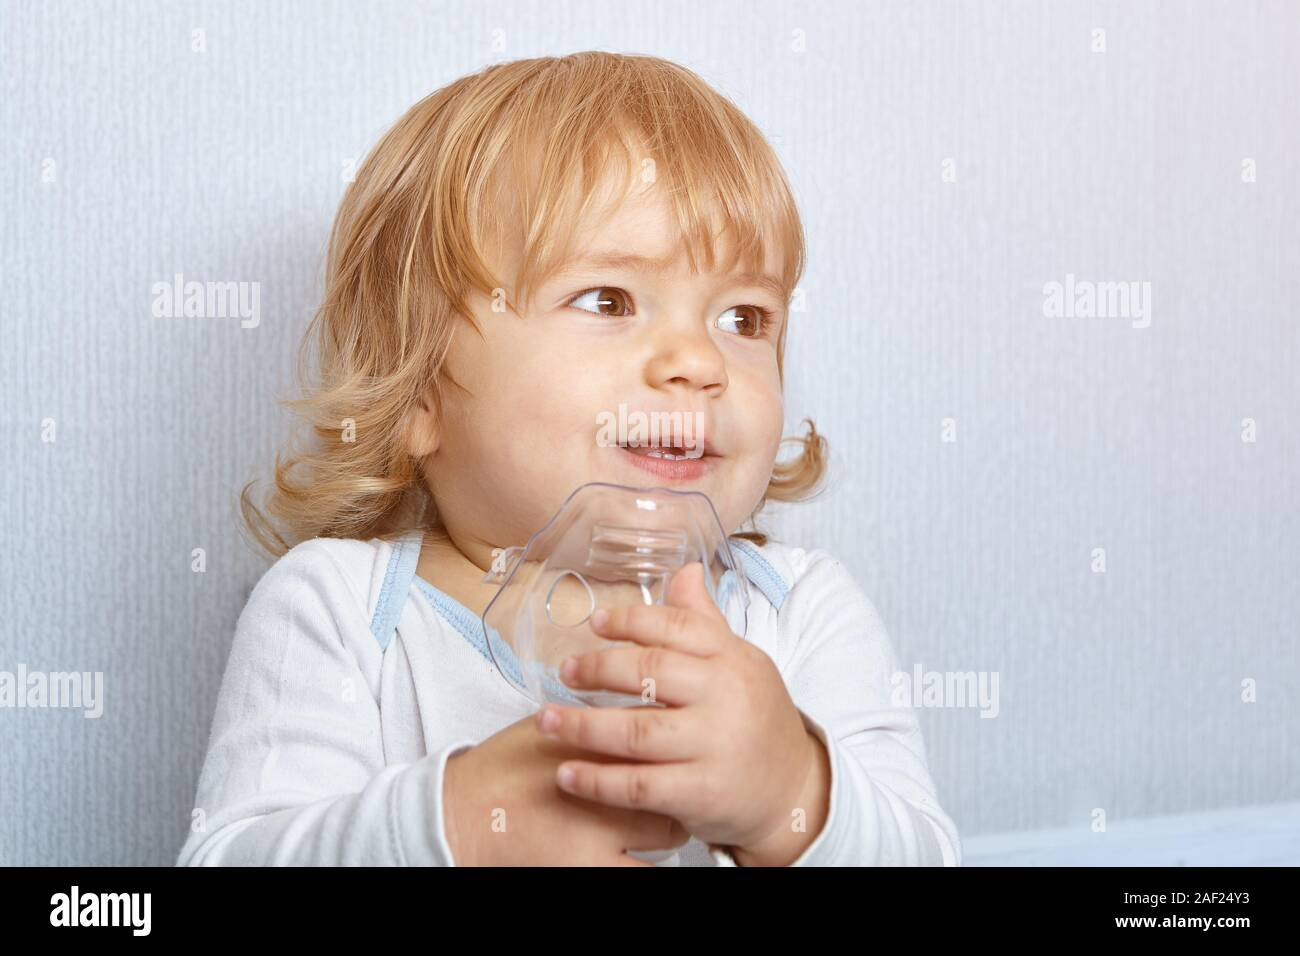 masque respiratoire bebe